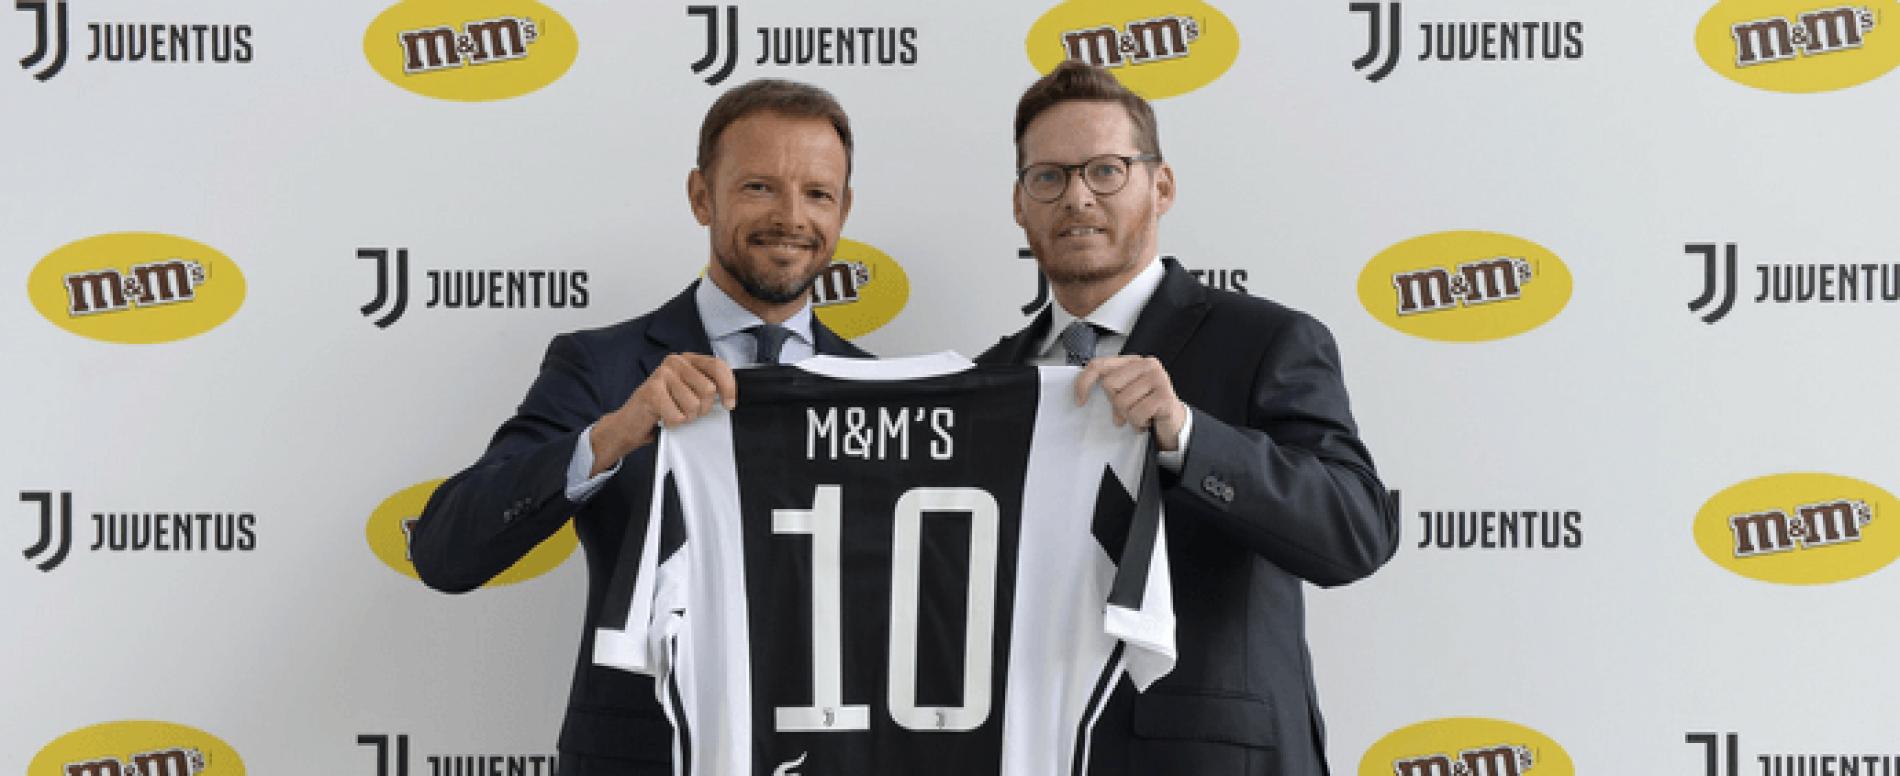 Juve e M&M's: nuova partnership per la stagione 2017-18